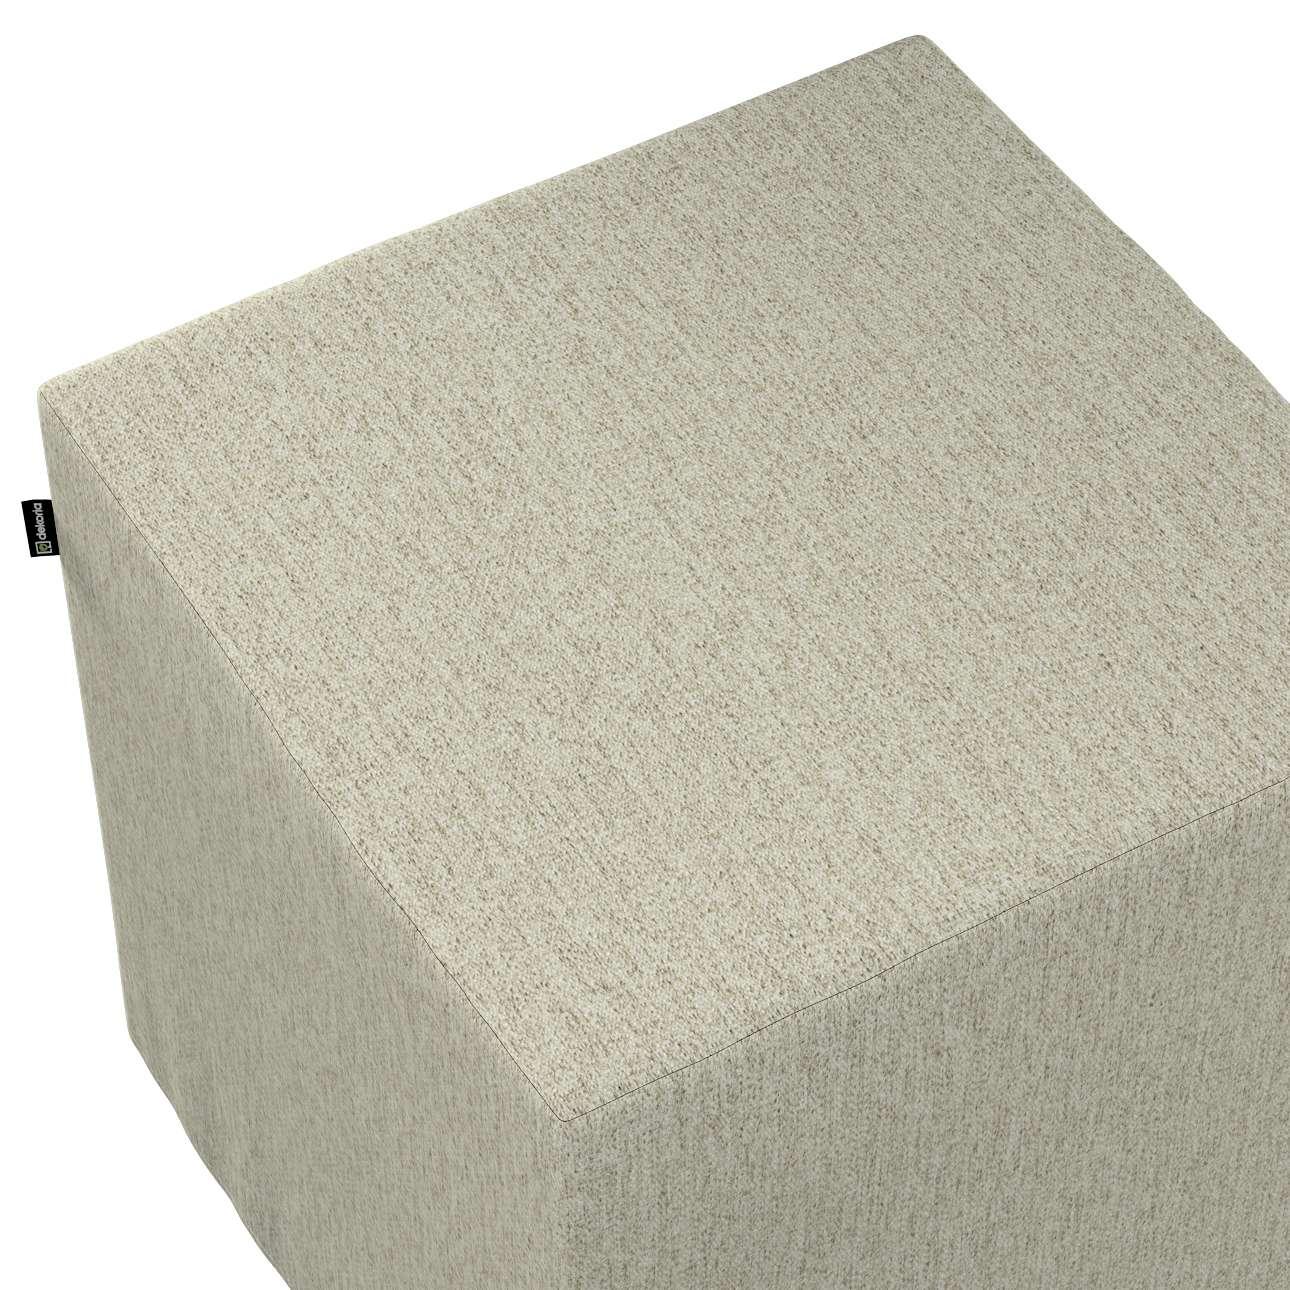 Bezug für Sitzwürfel von der Kollektion Living, Stoff: 161-62